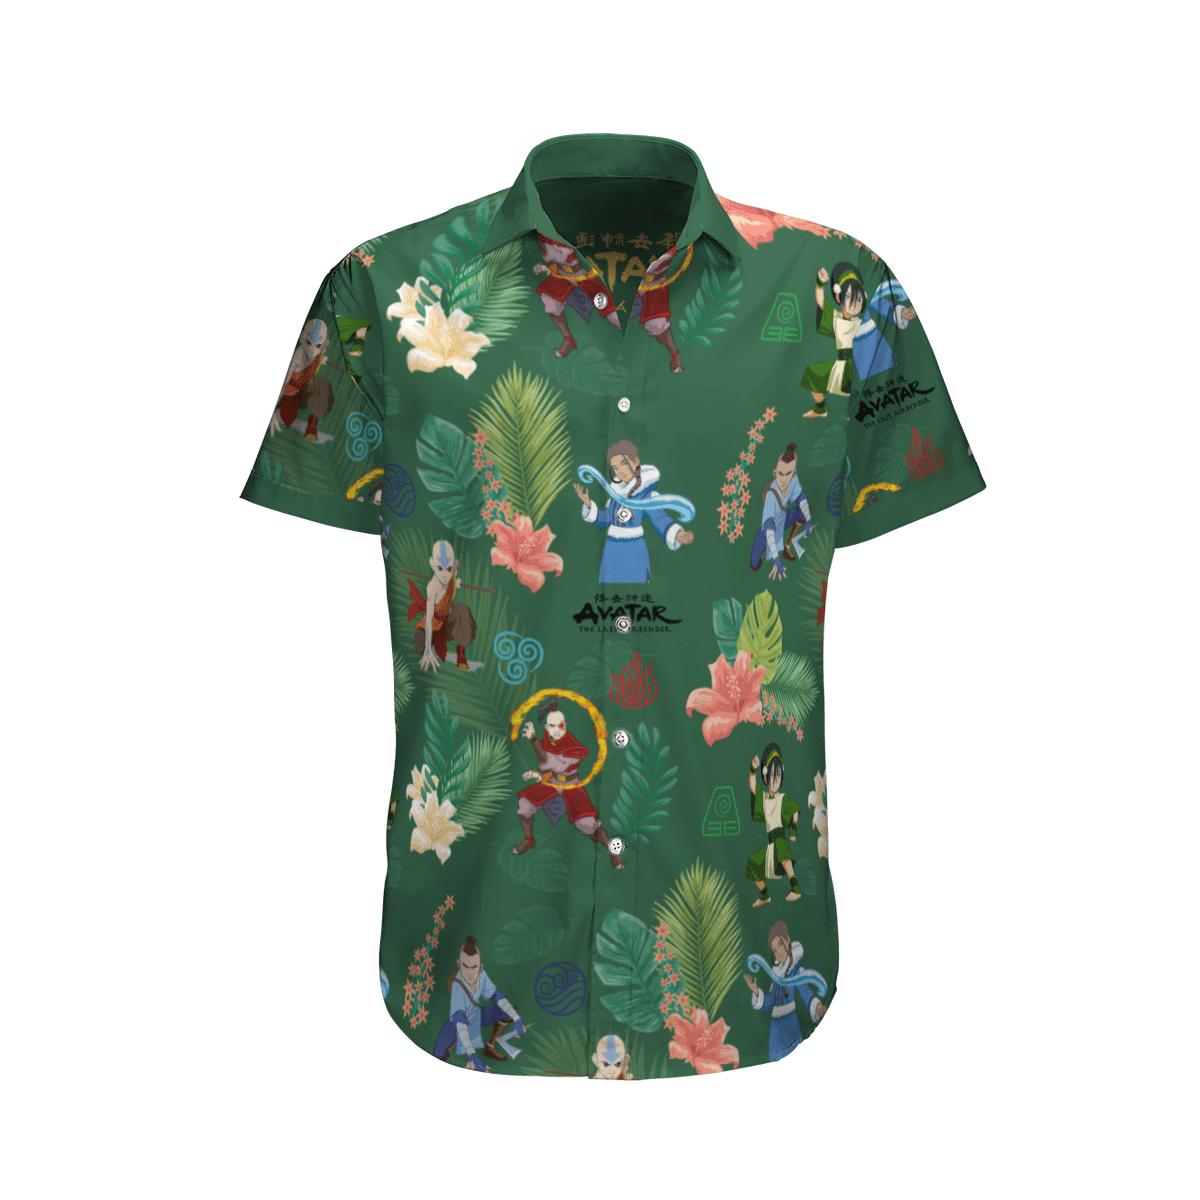 Earth Kingdom Avatar Hawaiian shirt 2